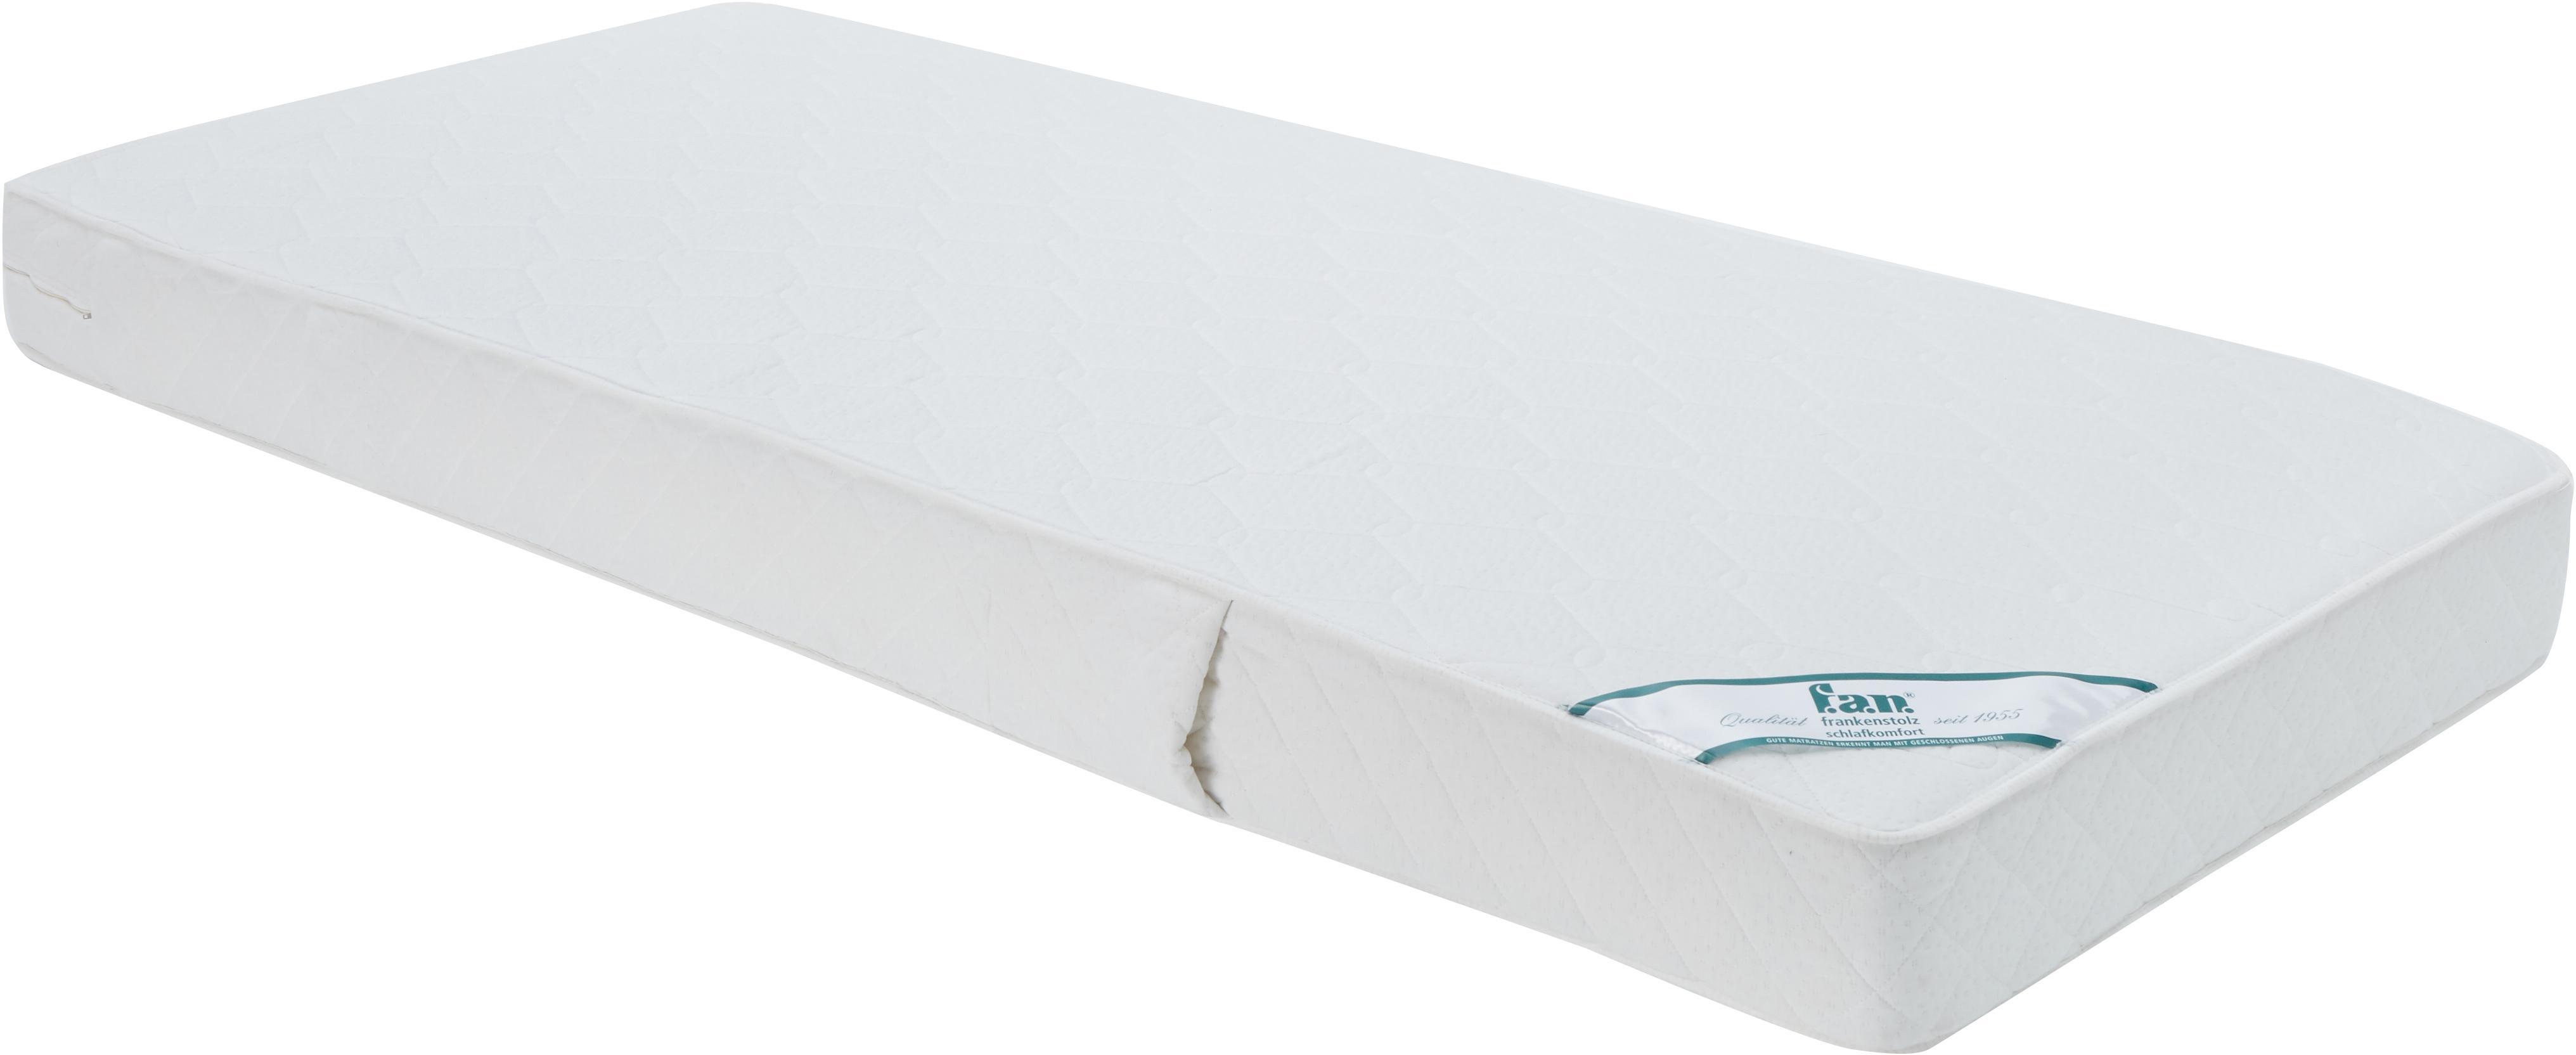 Tonnentaschenfederkern-Matratze Happy, Bezug: Doppeljersey (100% Polyes, Oberseite: ca. 200 g/m² klimaregulie, Unterseite: ca. 200 g/m² klimaregulie, Weiss, 80 x 200 cm